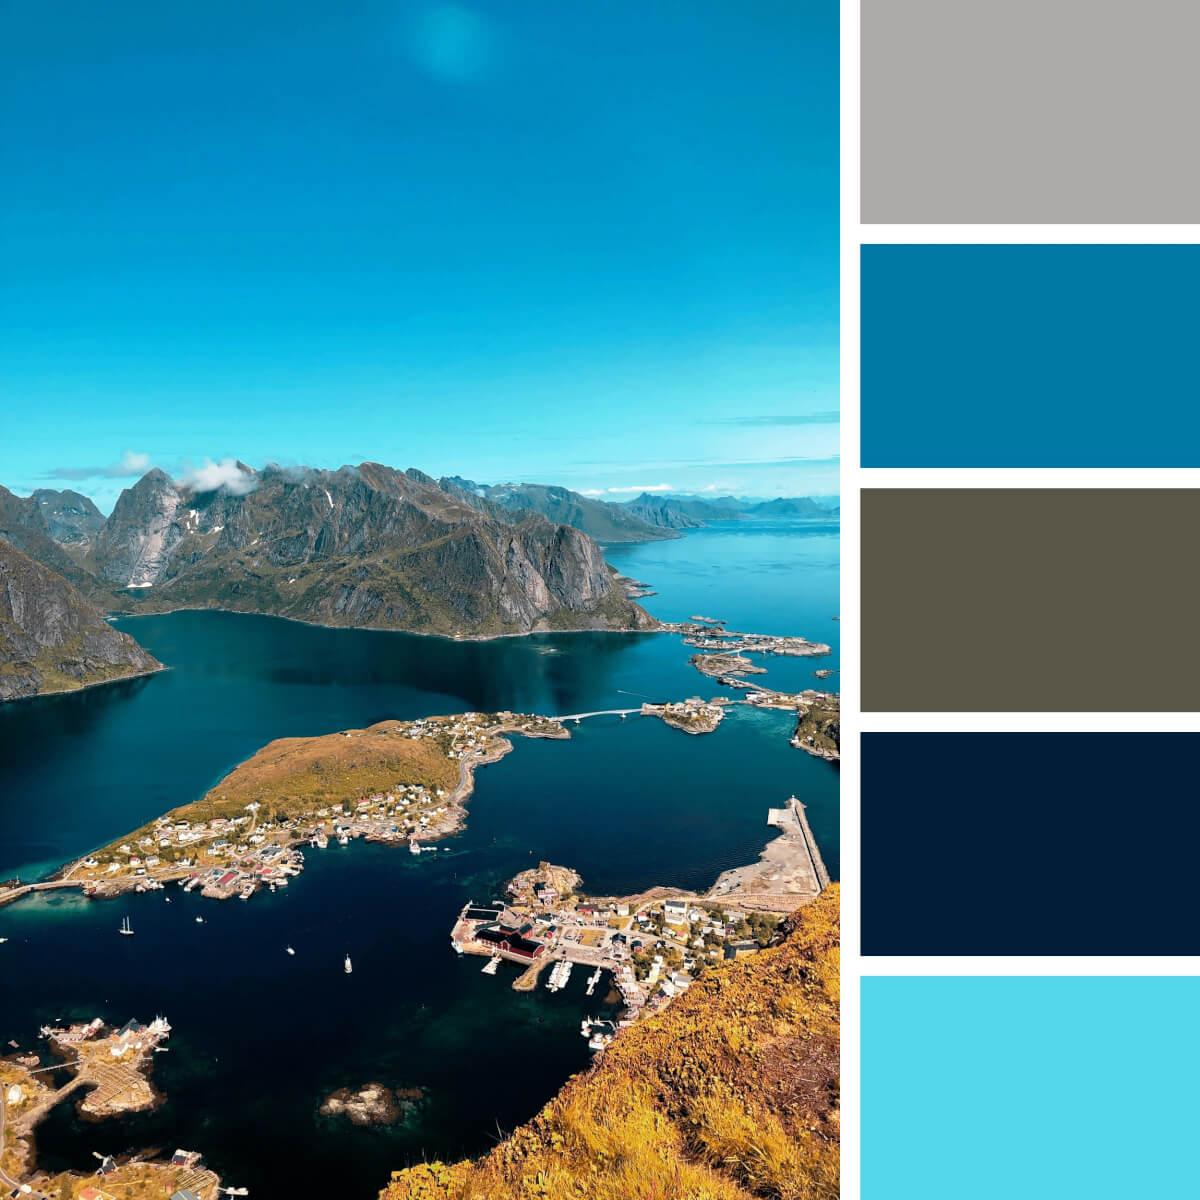 Sea Blue & Teal